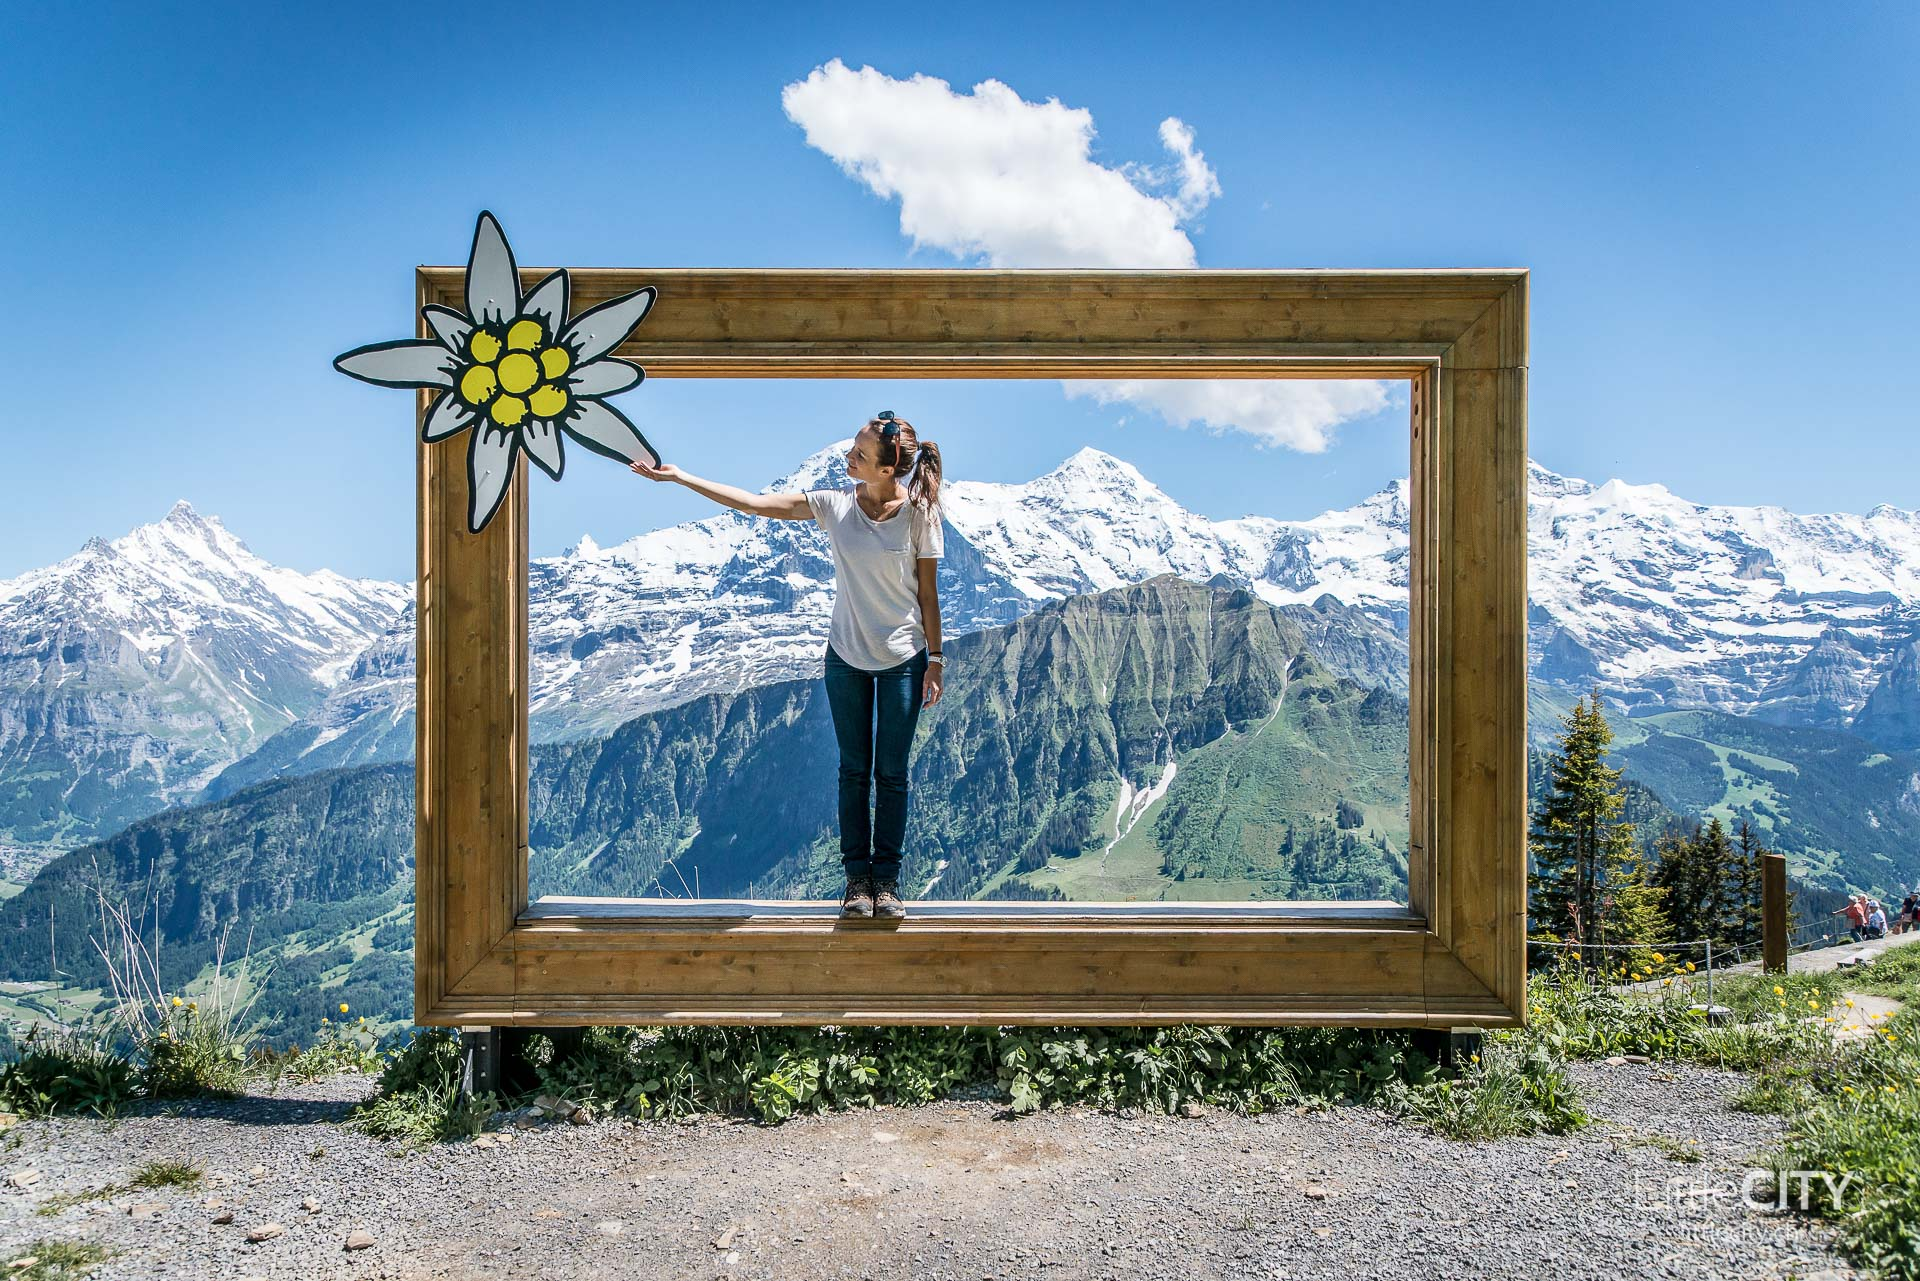 Schynige Platte Wanderung Jungfrau Bahnen LittleCITY-38